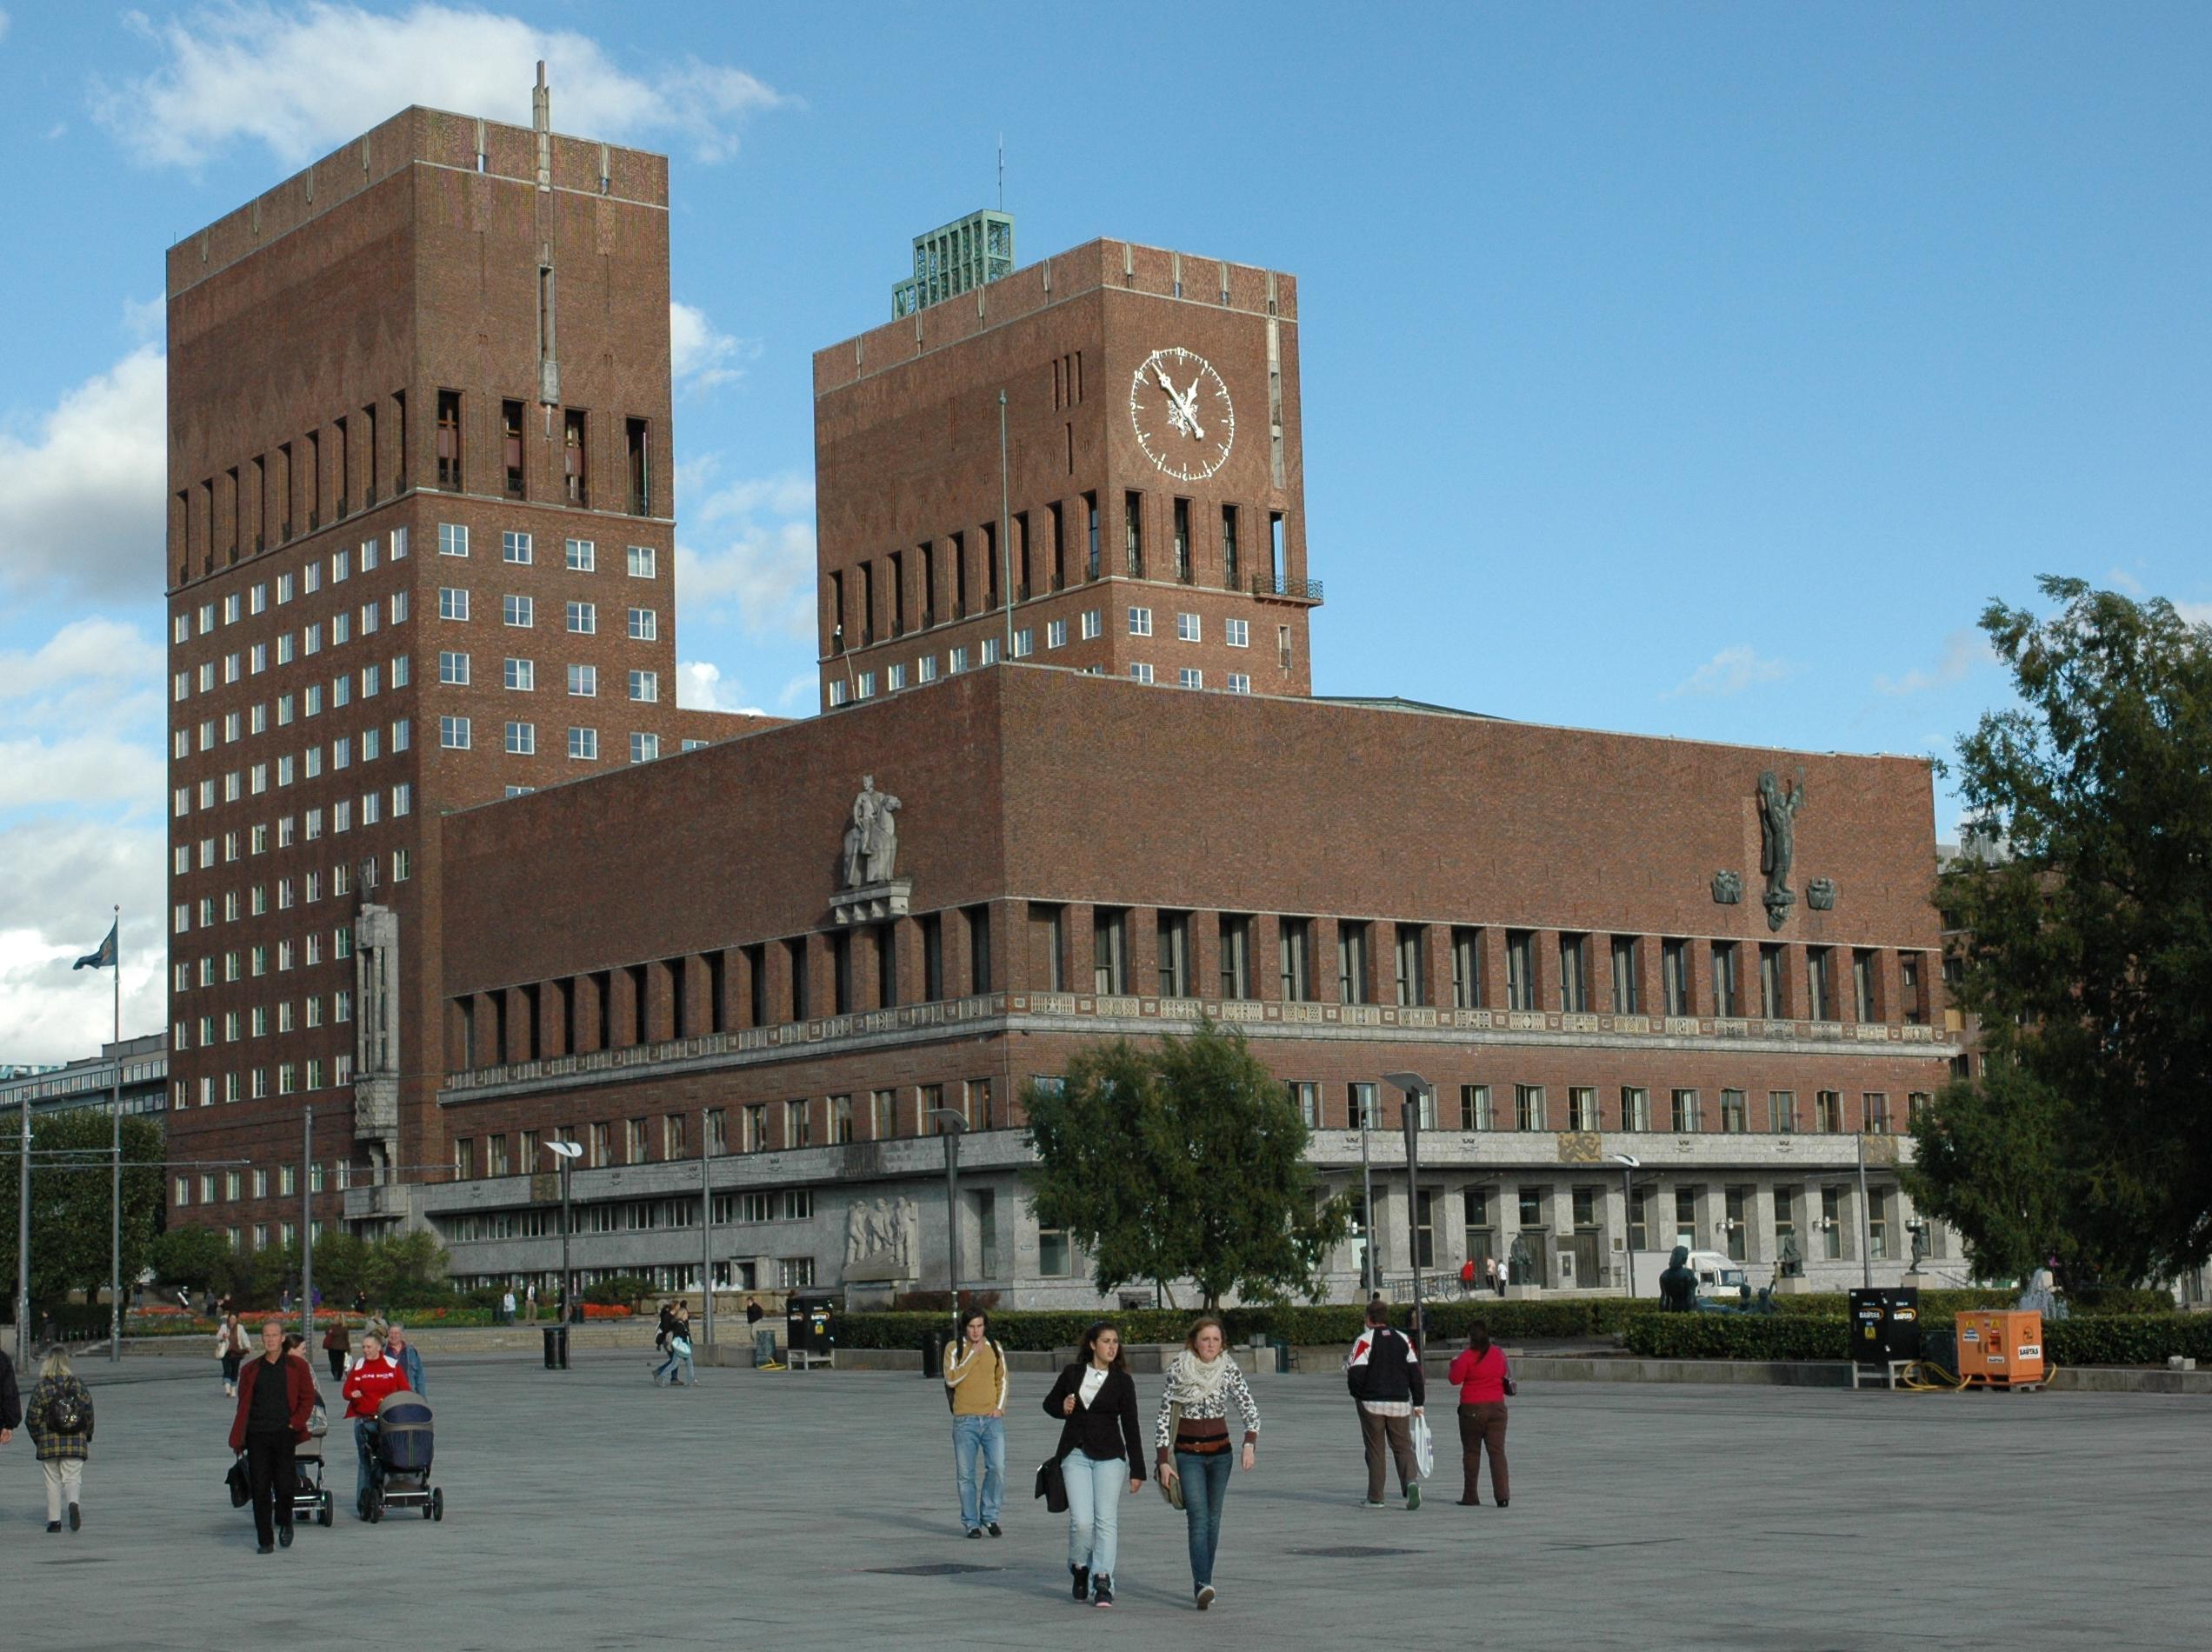 Oslo city hall photo